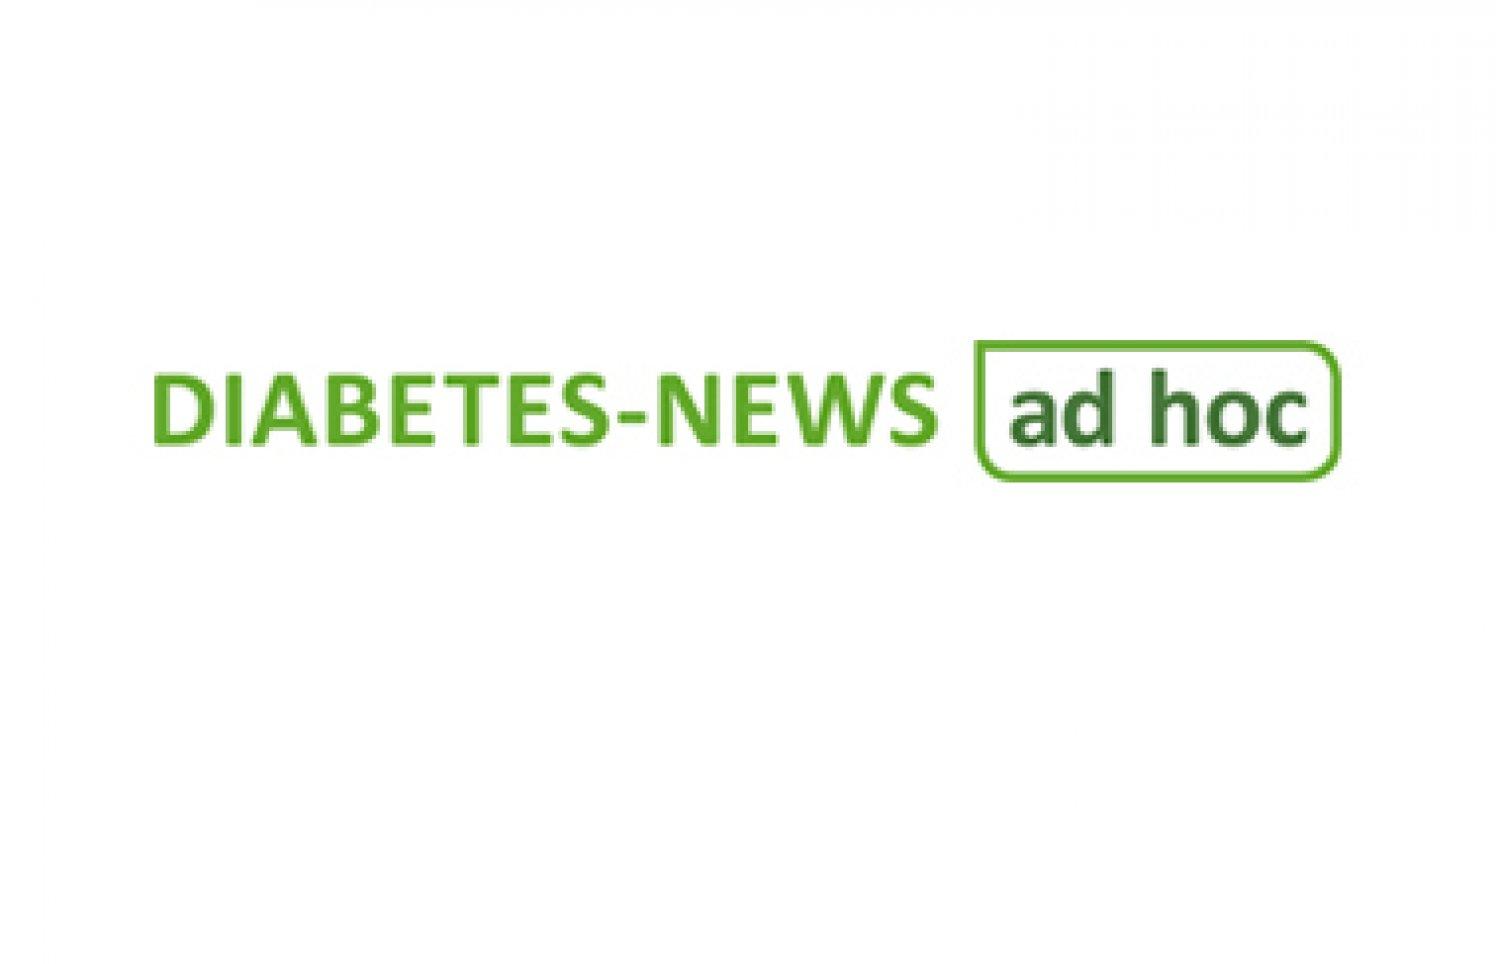 Logo Diabetes News ad hoc Teaser Startseite